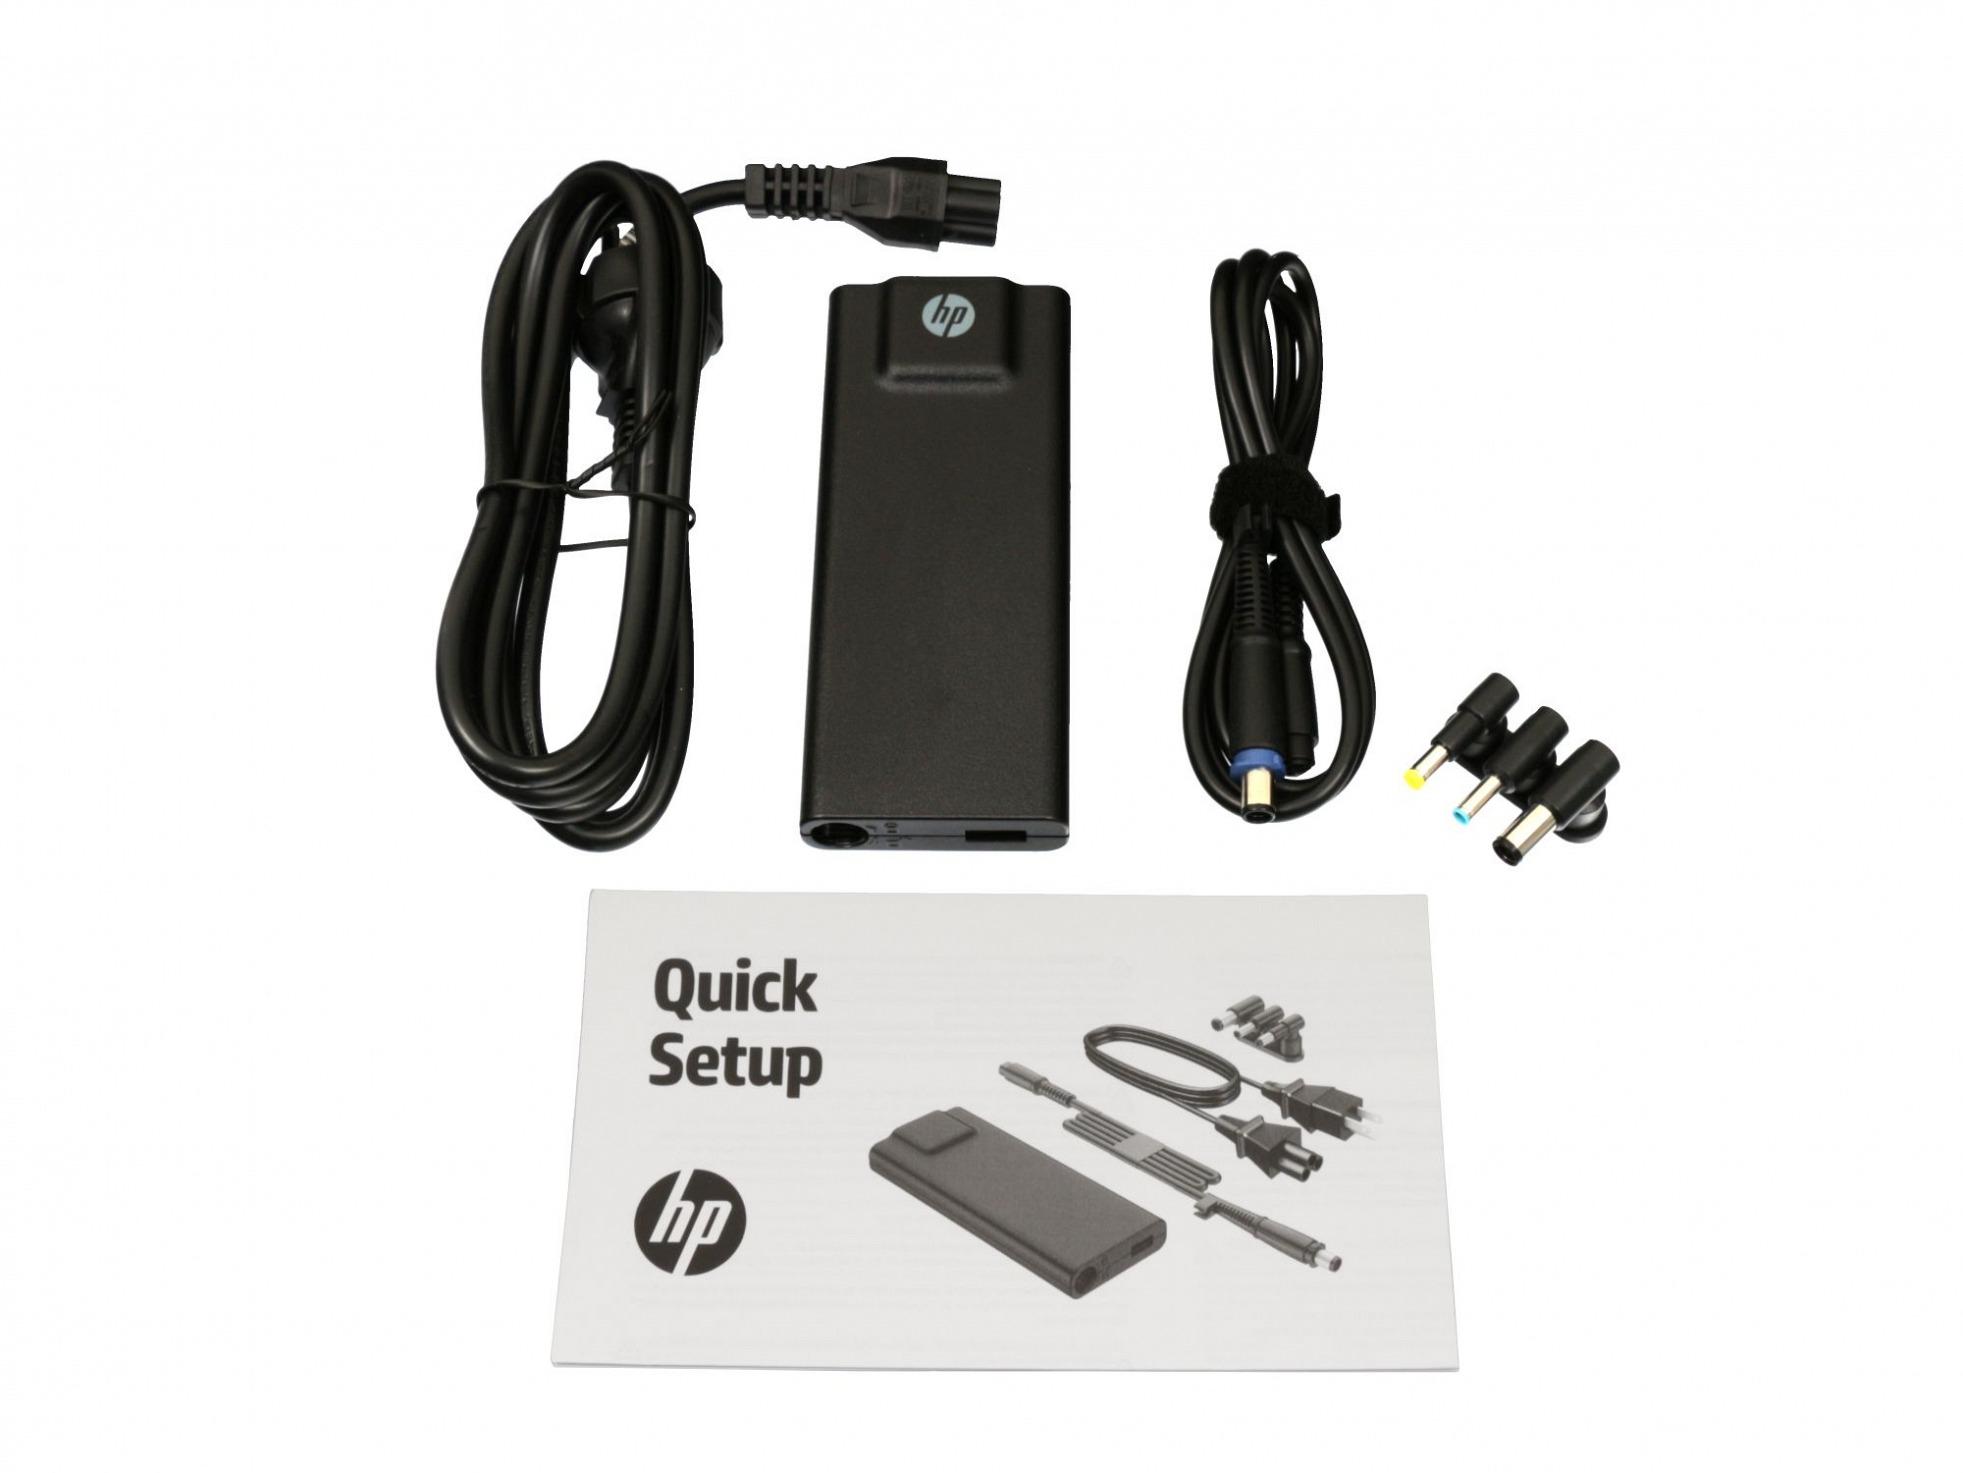 Netzteil HP Business Notebook NC6200